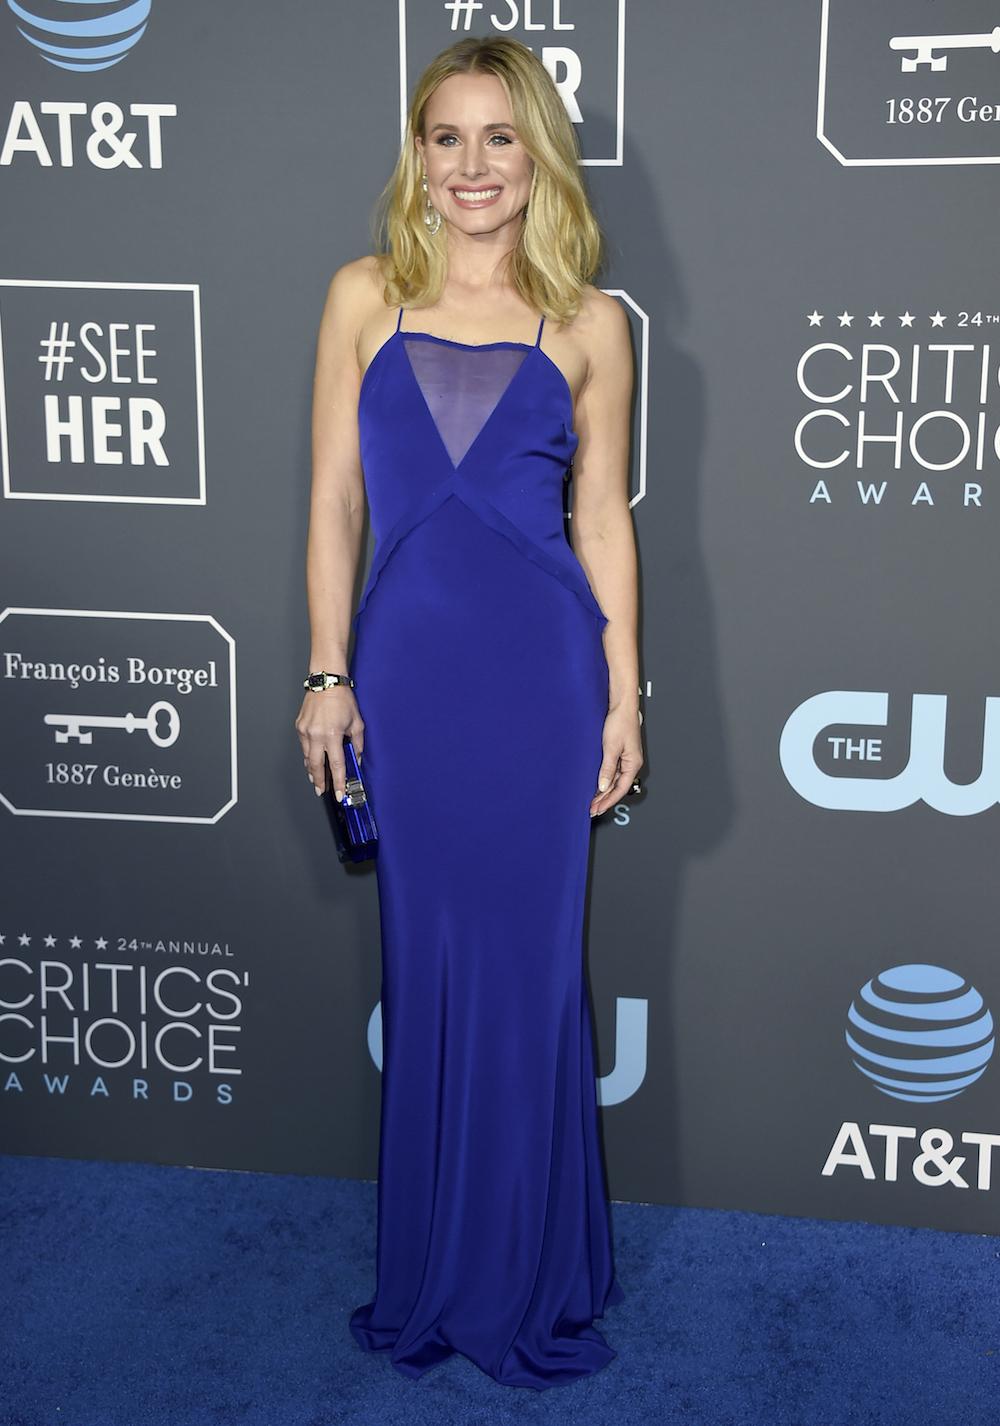 Kristen Bell: Royal blue